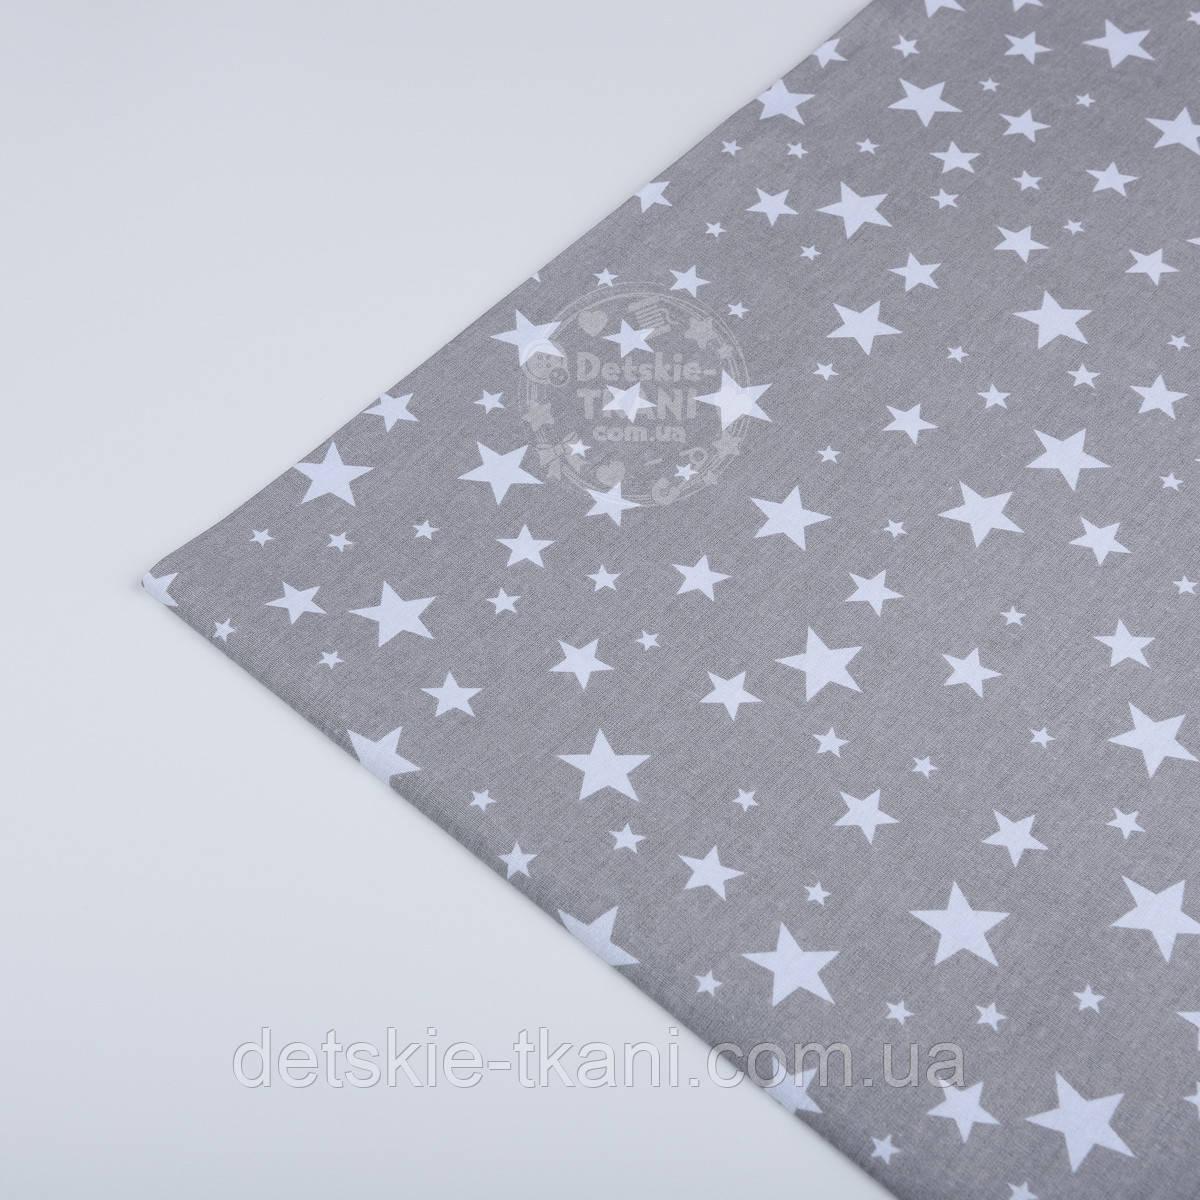 """Отрез ткани №993 Звёздная россыпь"""" с белыми звёздами на сером фоне, 70*160"""